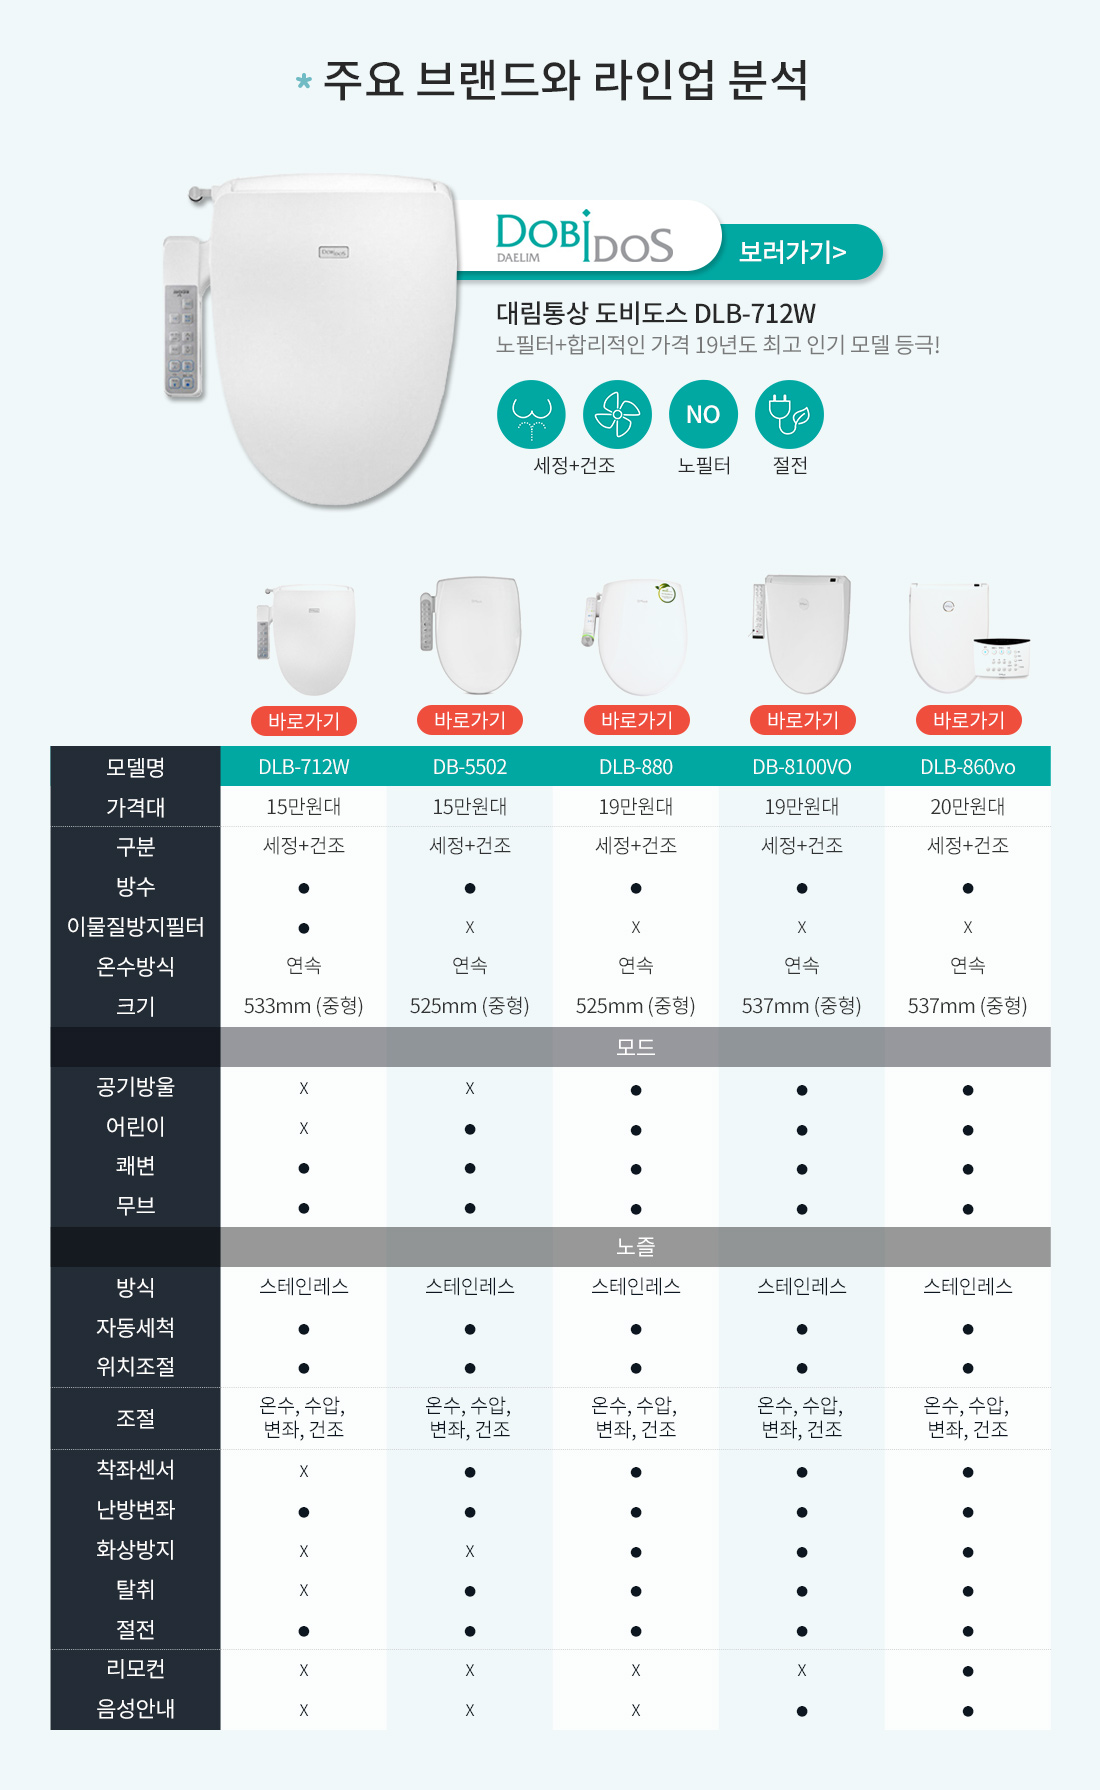 주요 브랜드와 라인업 분석. 대림통상 도비도스 DLB-712W